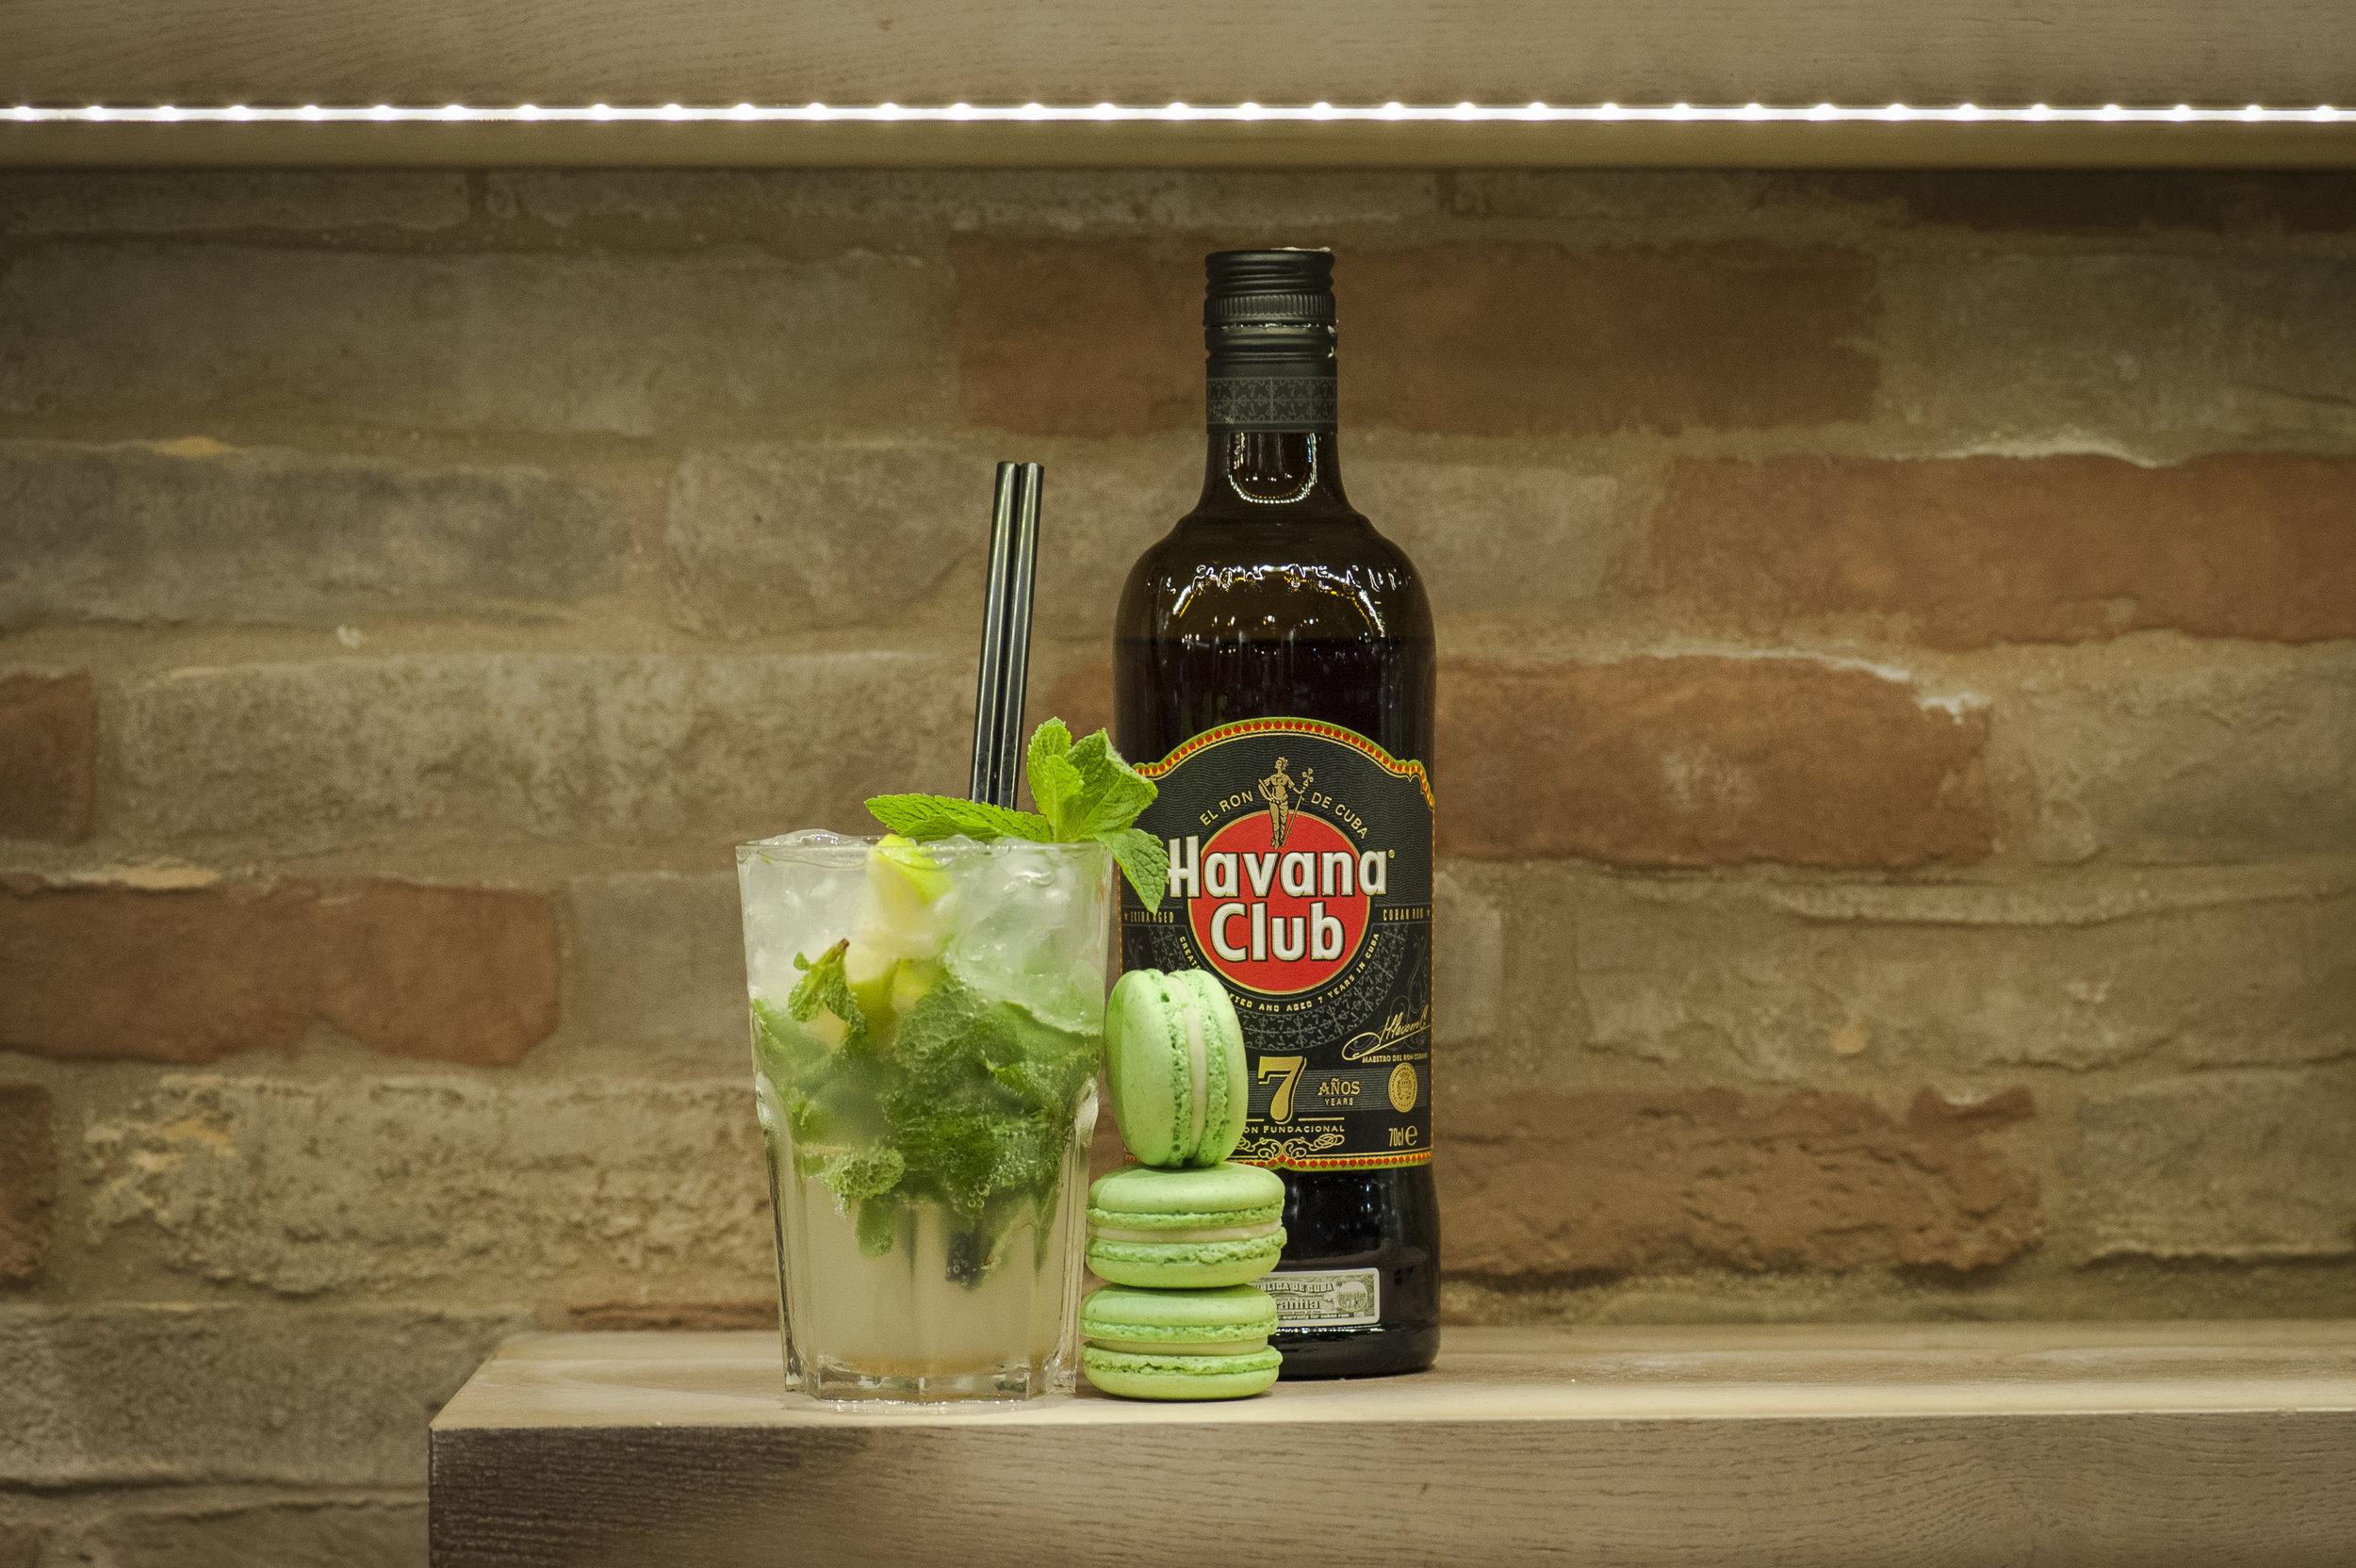 mojitorum bianco, foglie di menta e zucchero di canna per i macarons al cocktail di origine cubana. -